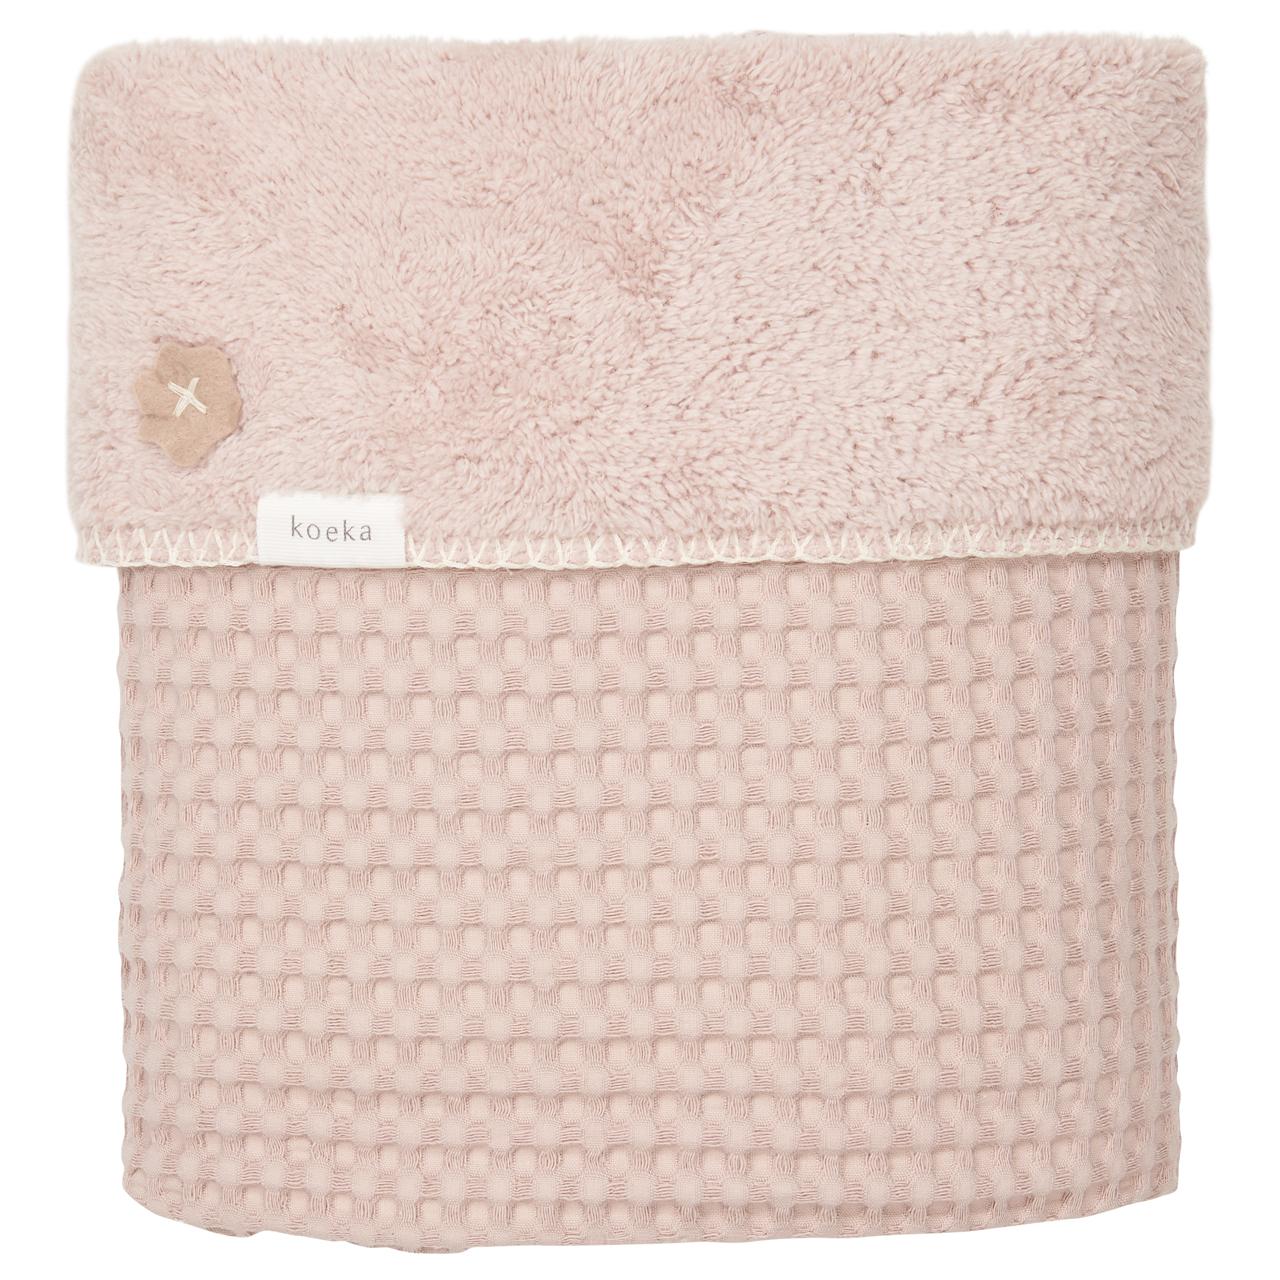 Koeka Babydecke Waffle/Teddy Oslo grey pink